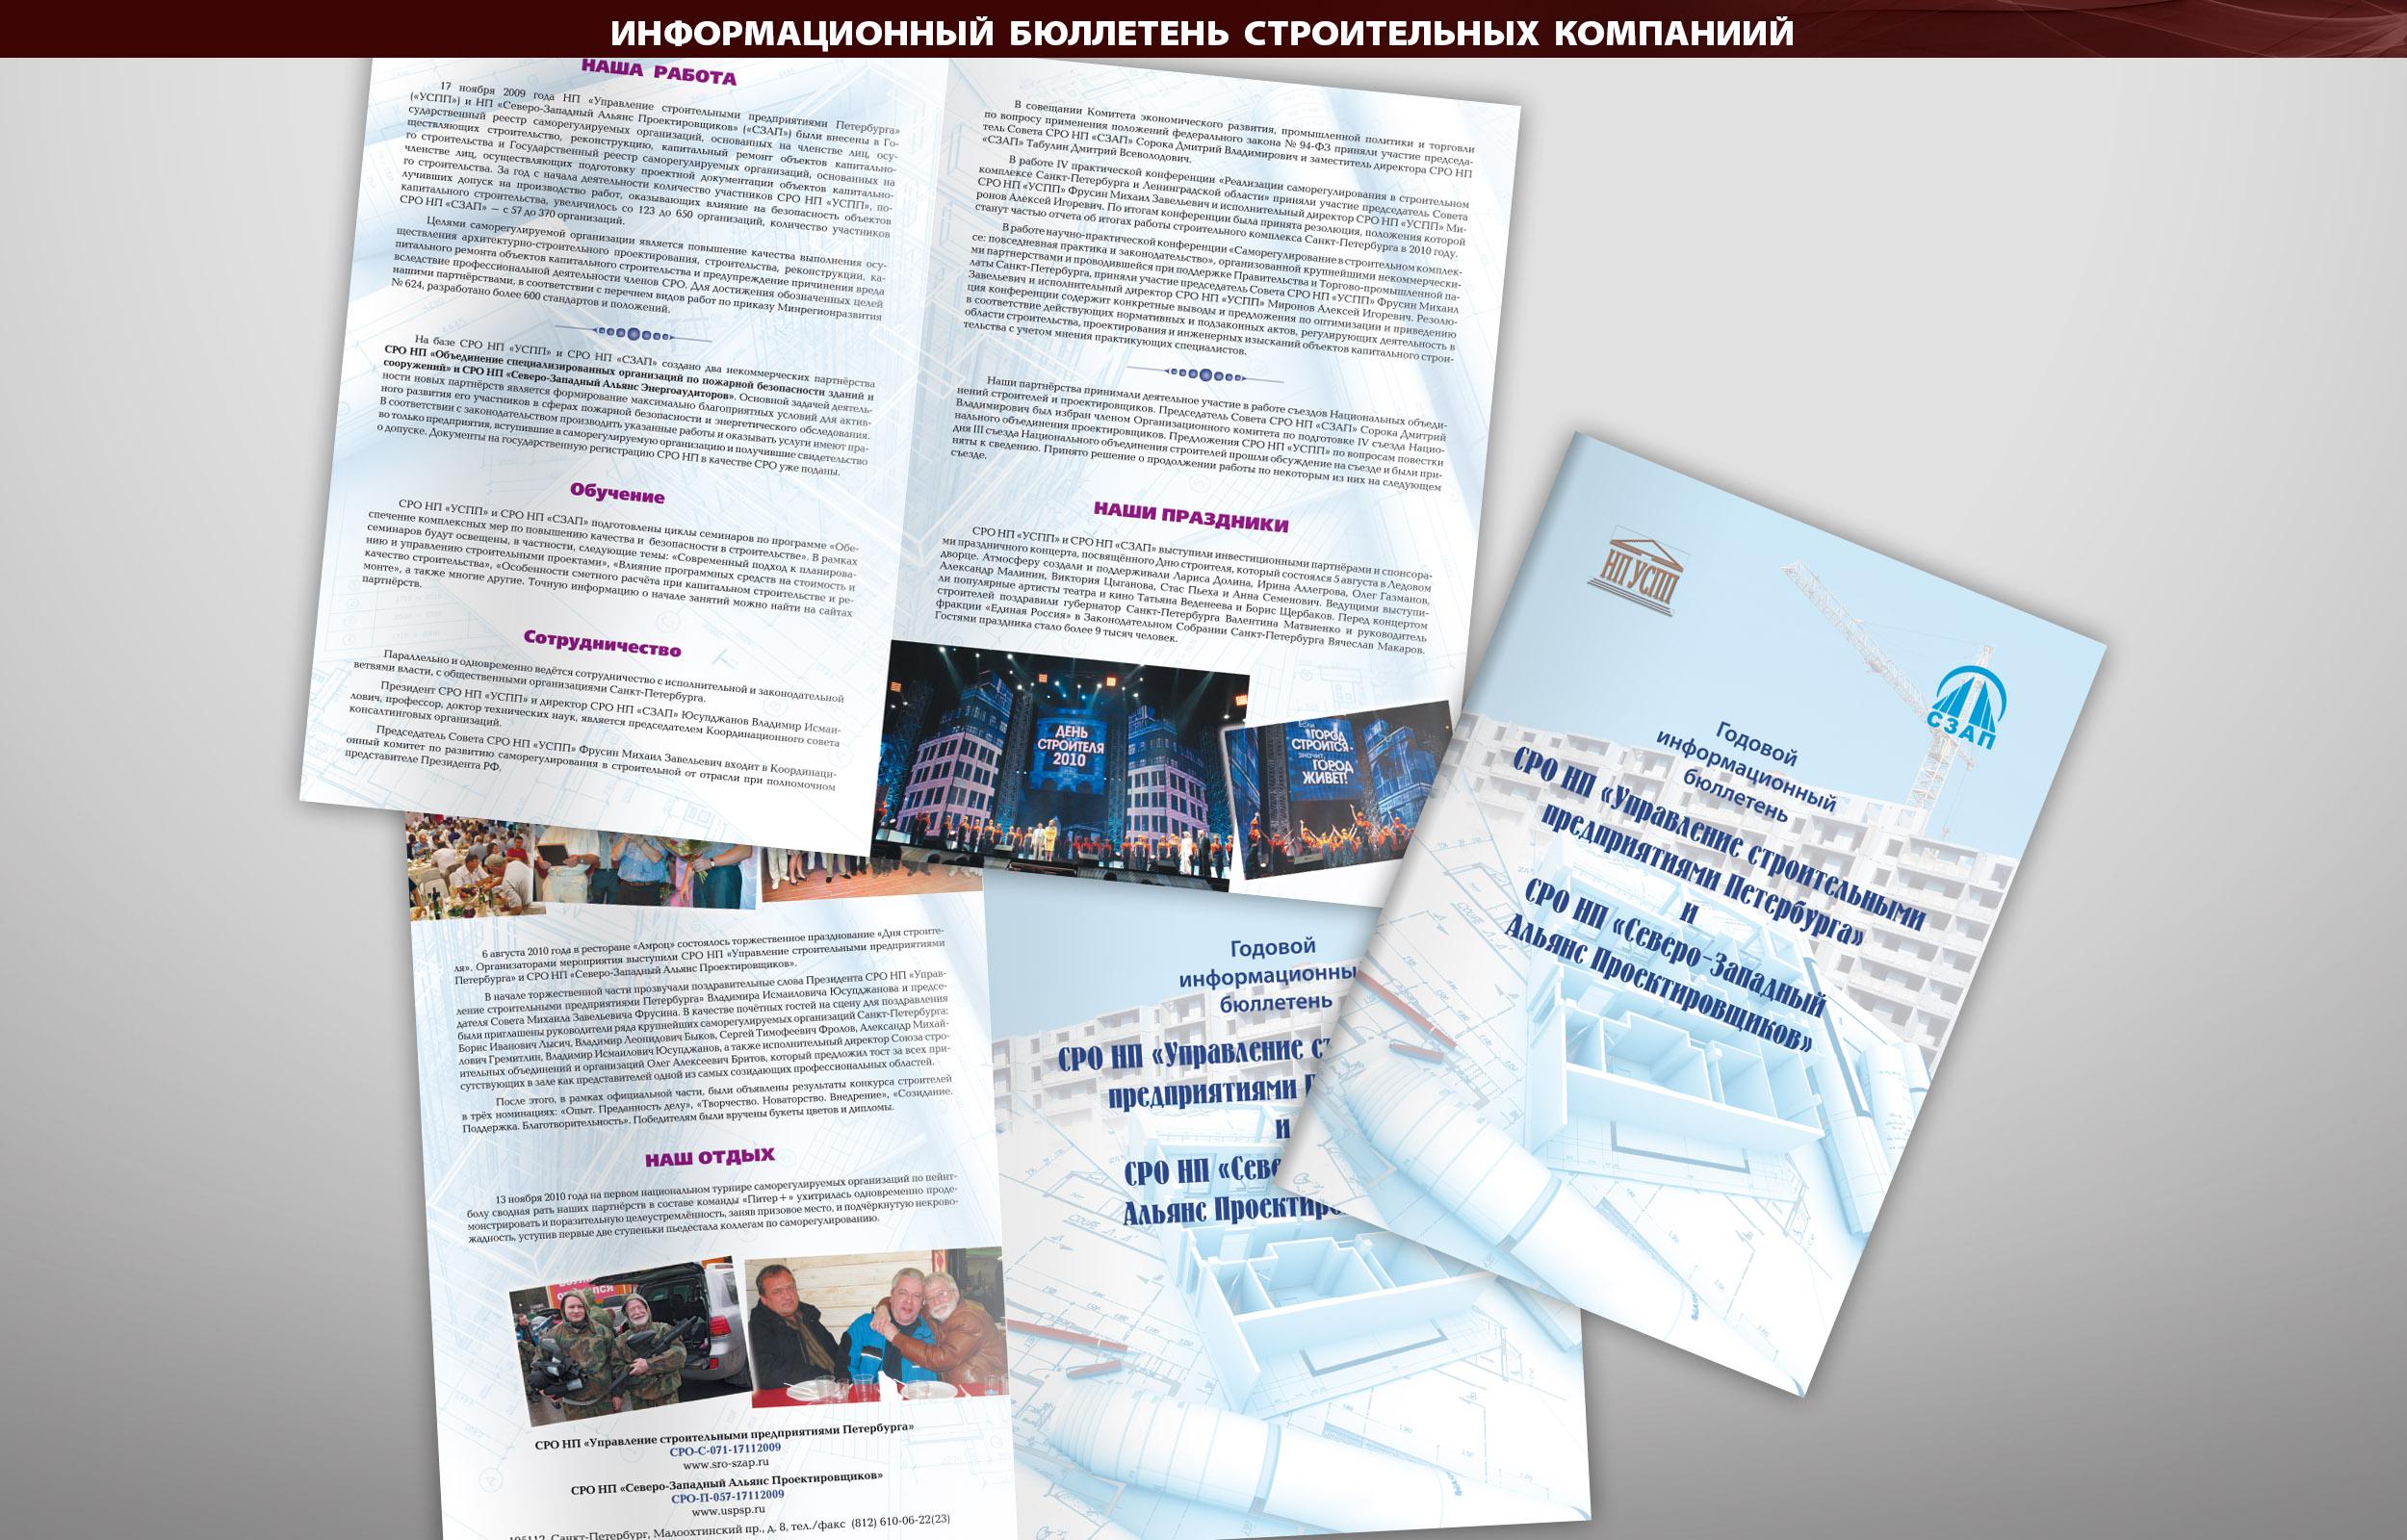 Информационный бюллетень строительных компаниий